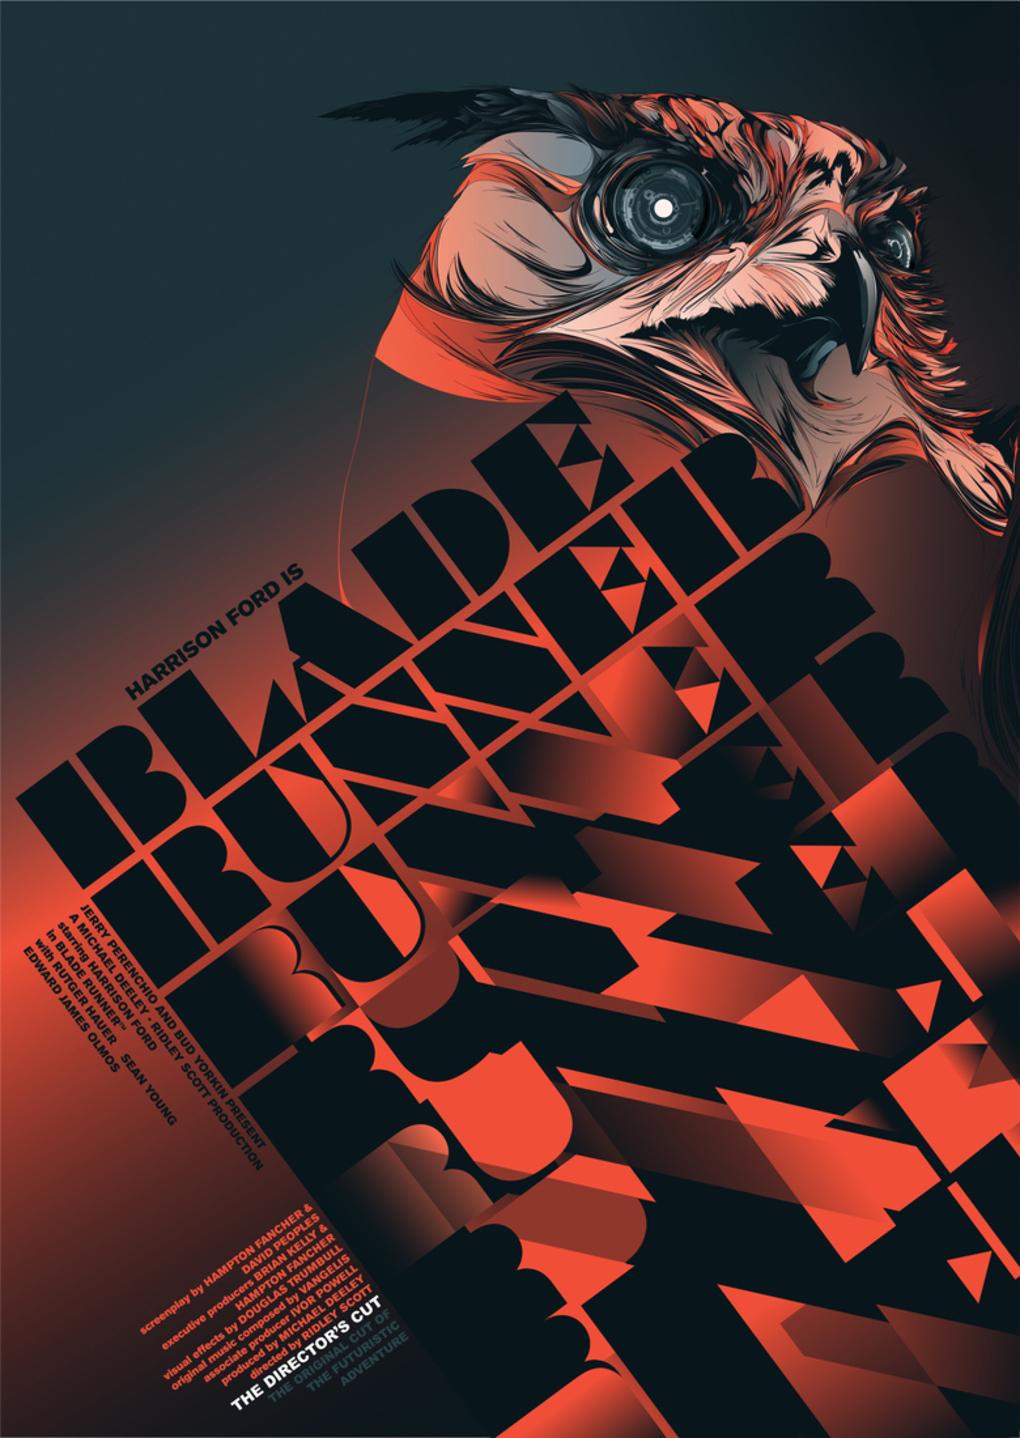 Alternative Movie Posters: Film Art from the Underground: Blade Runner